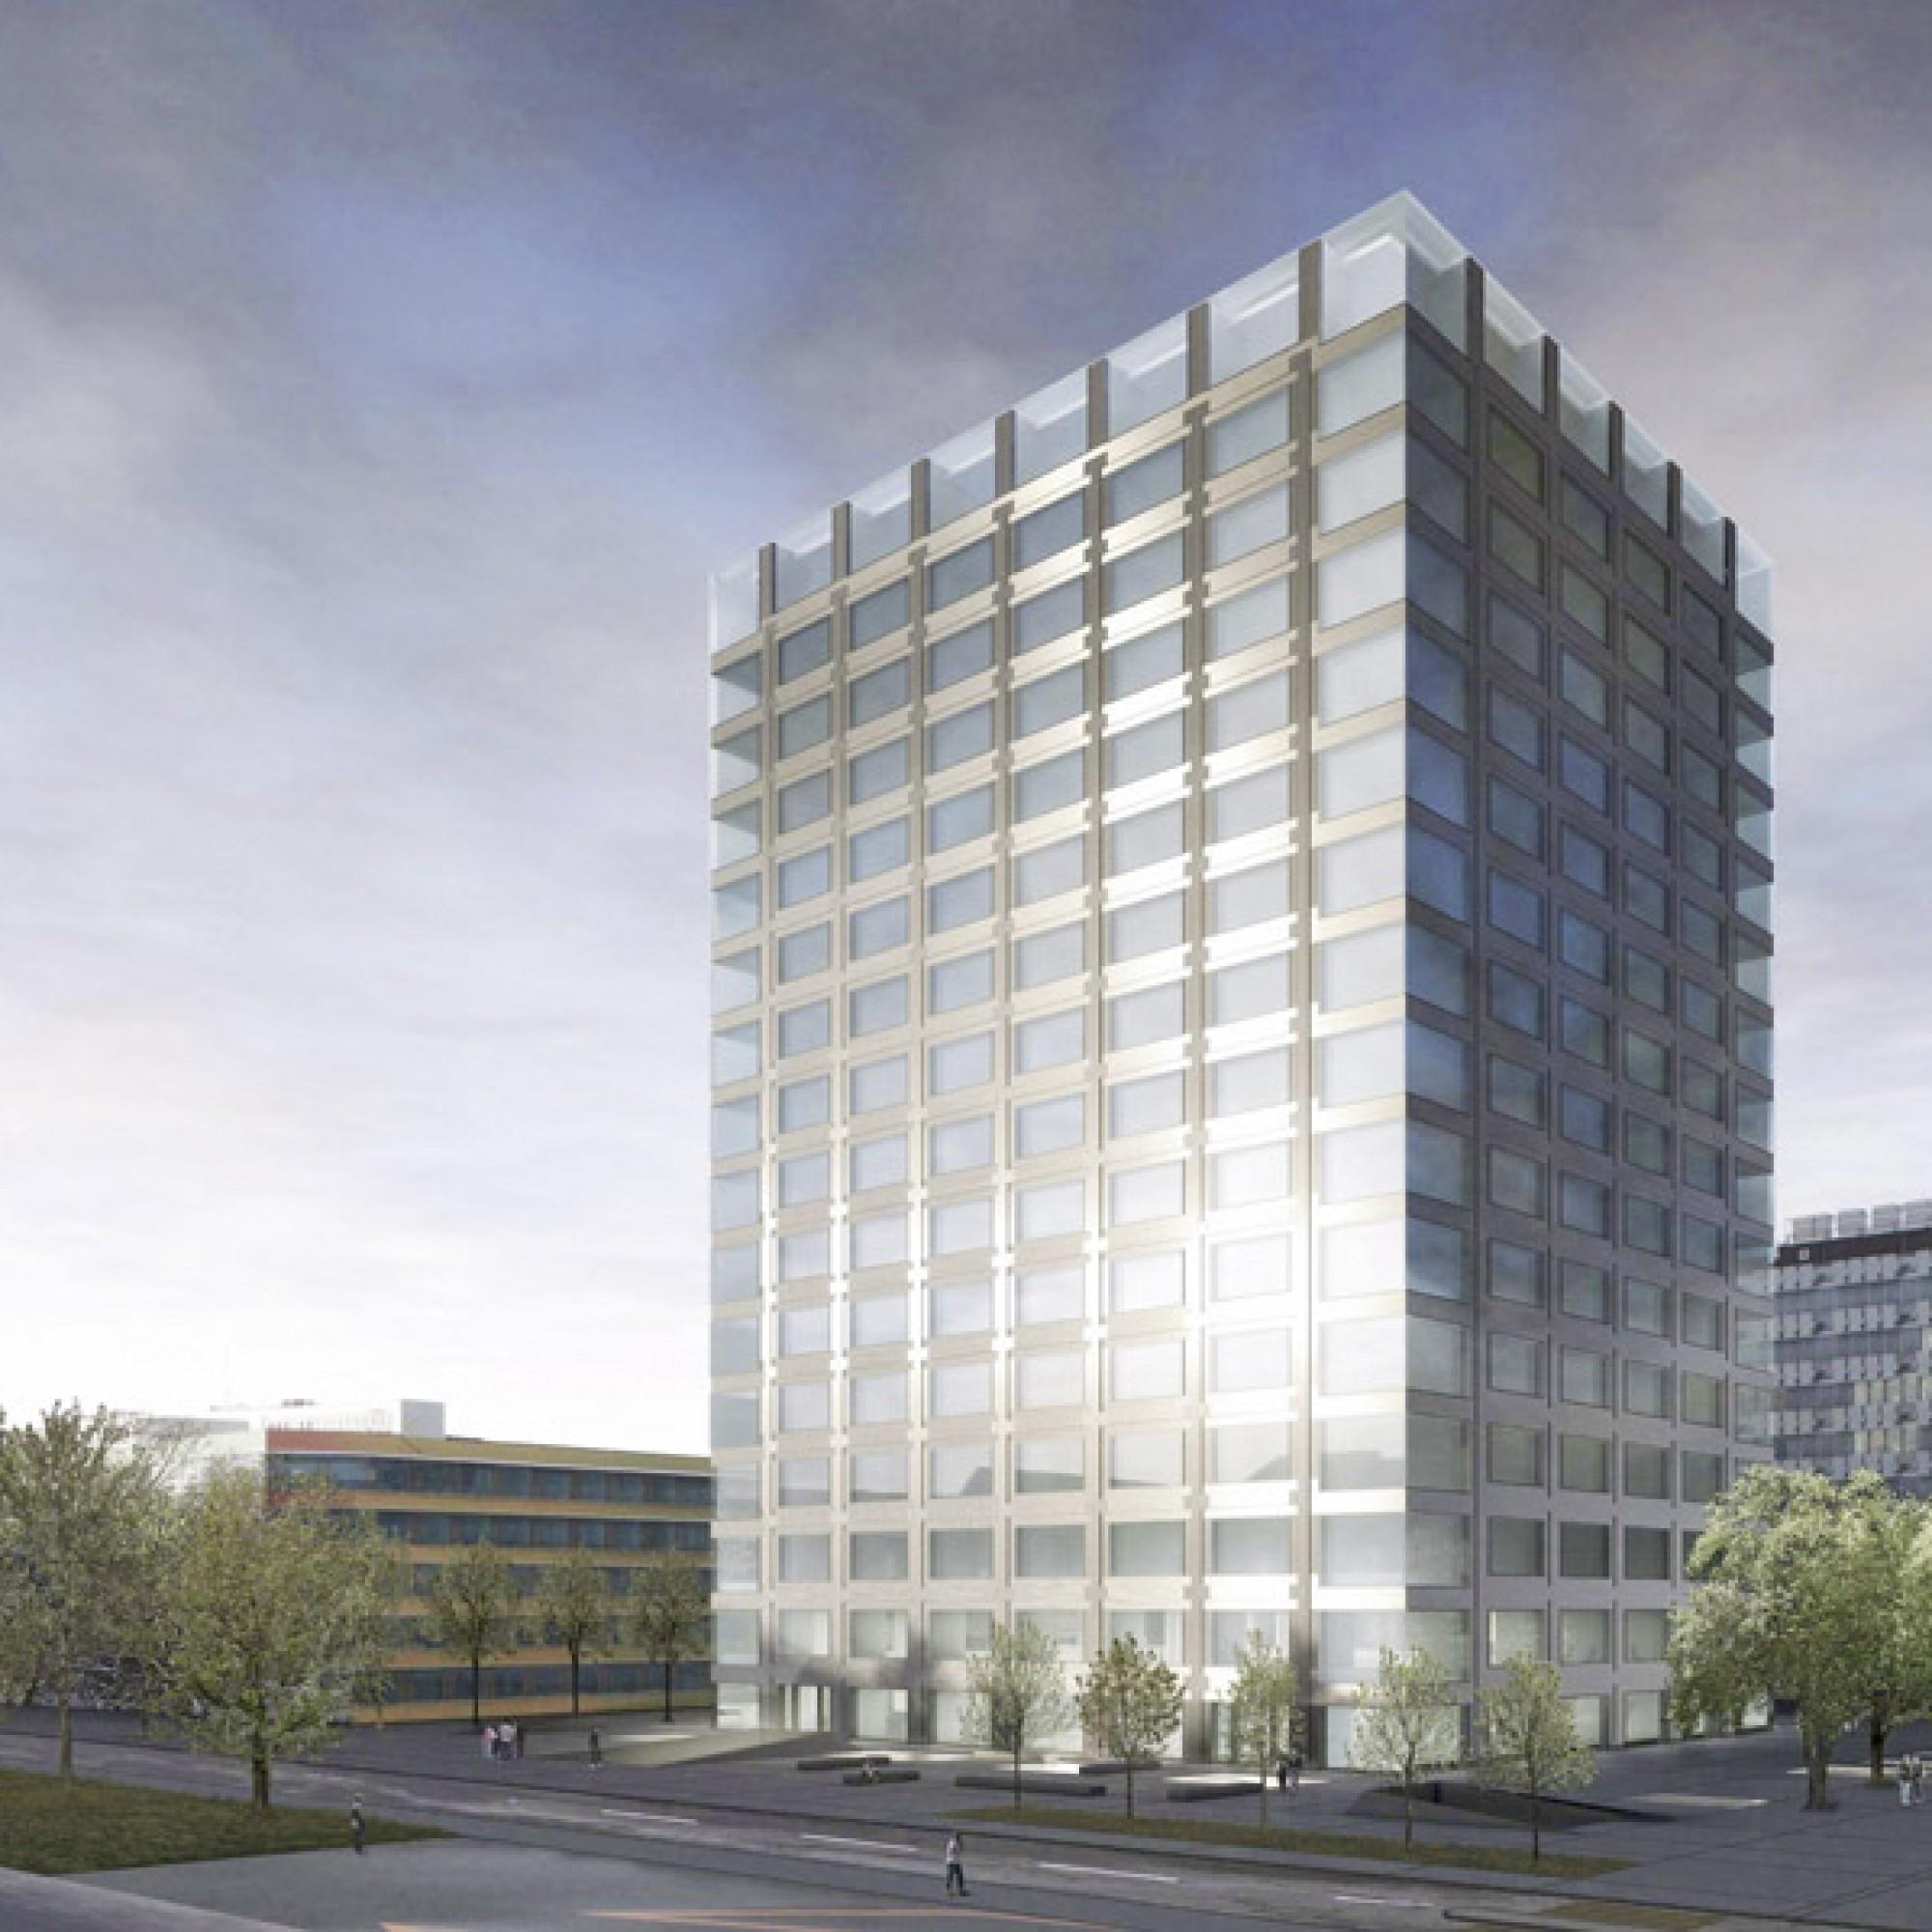 So stellen sich die Ilg Santer Architekten das Biozentrum vor. (zvg)